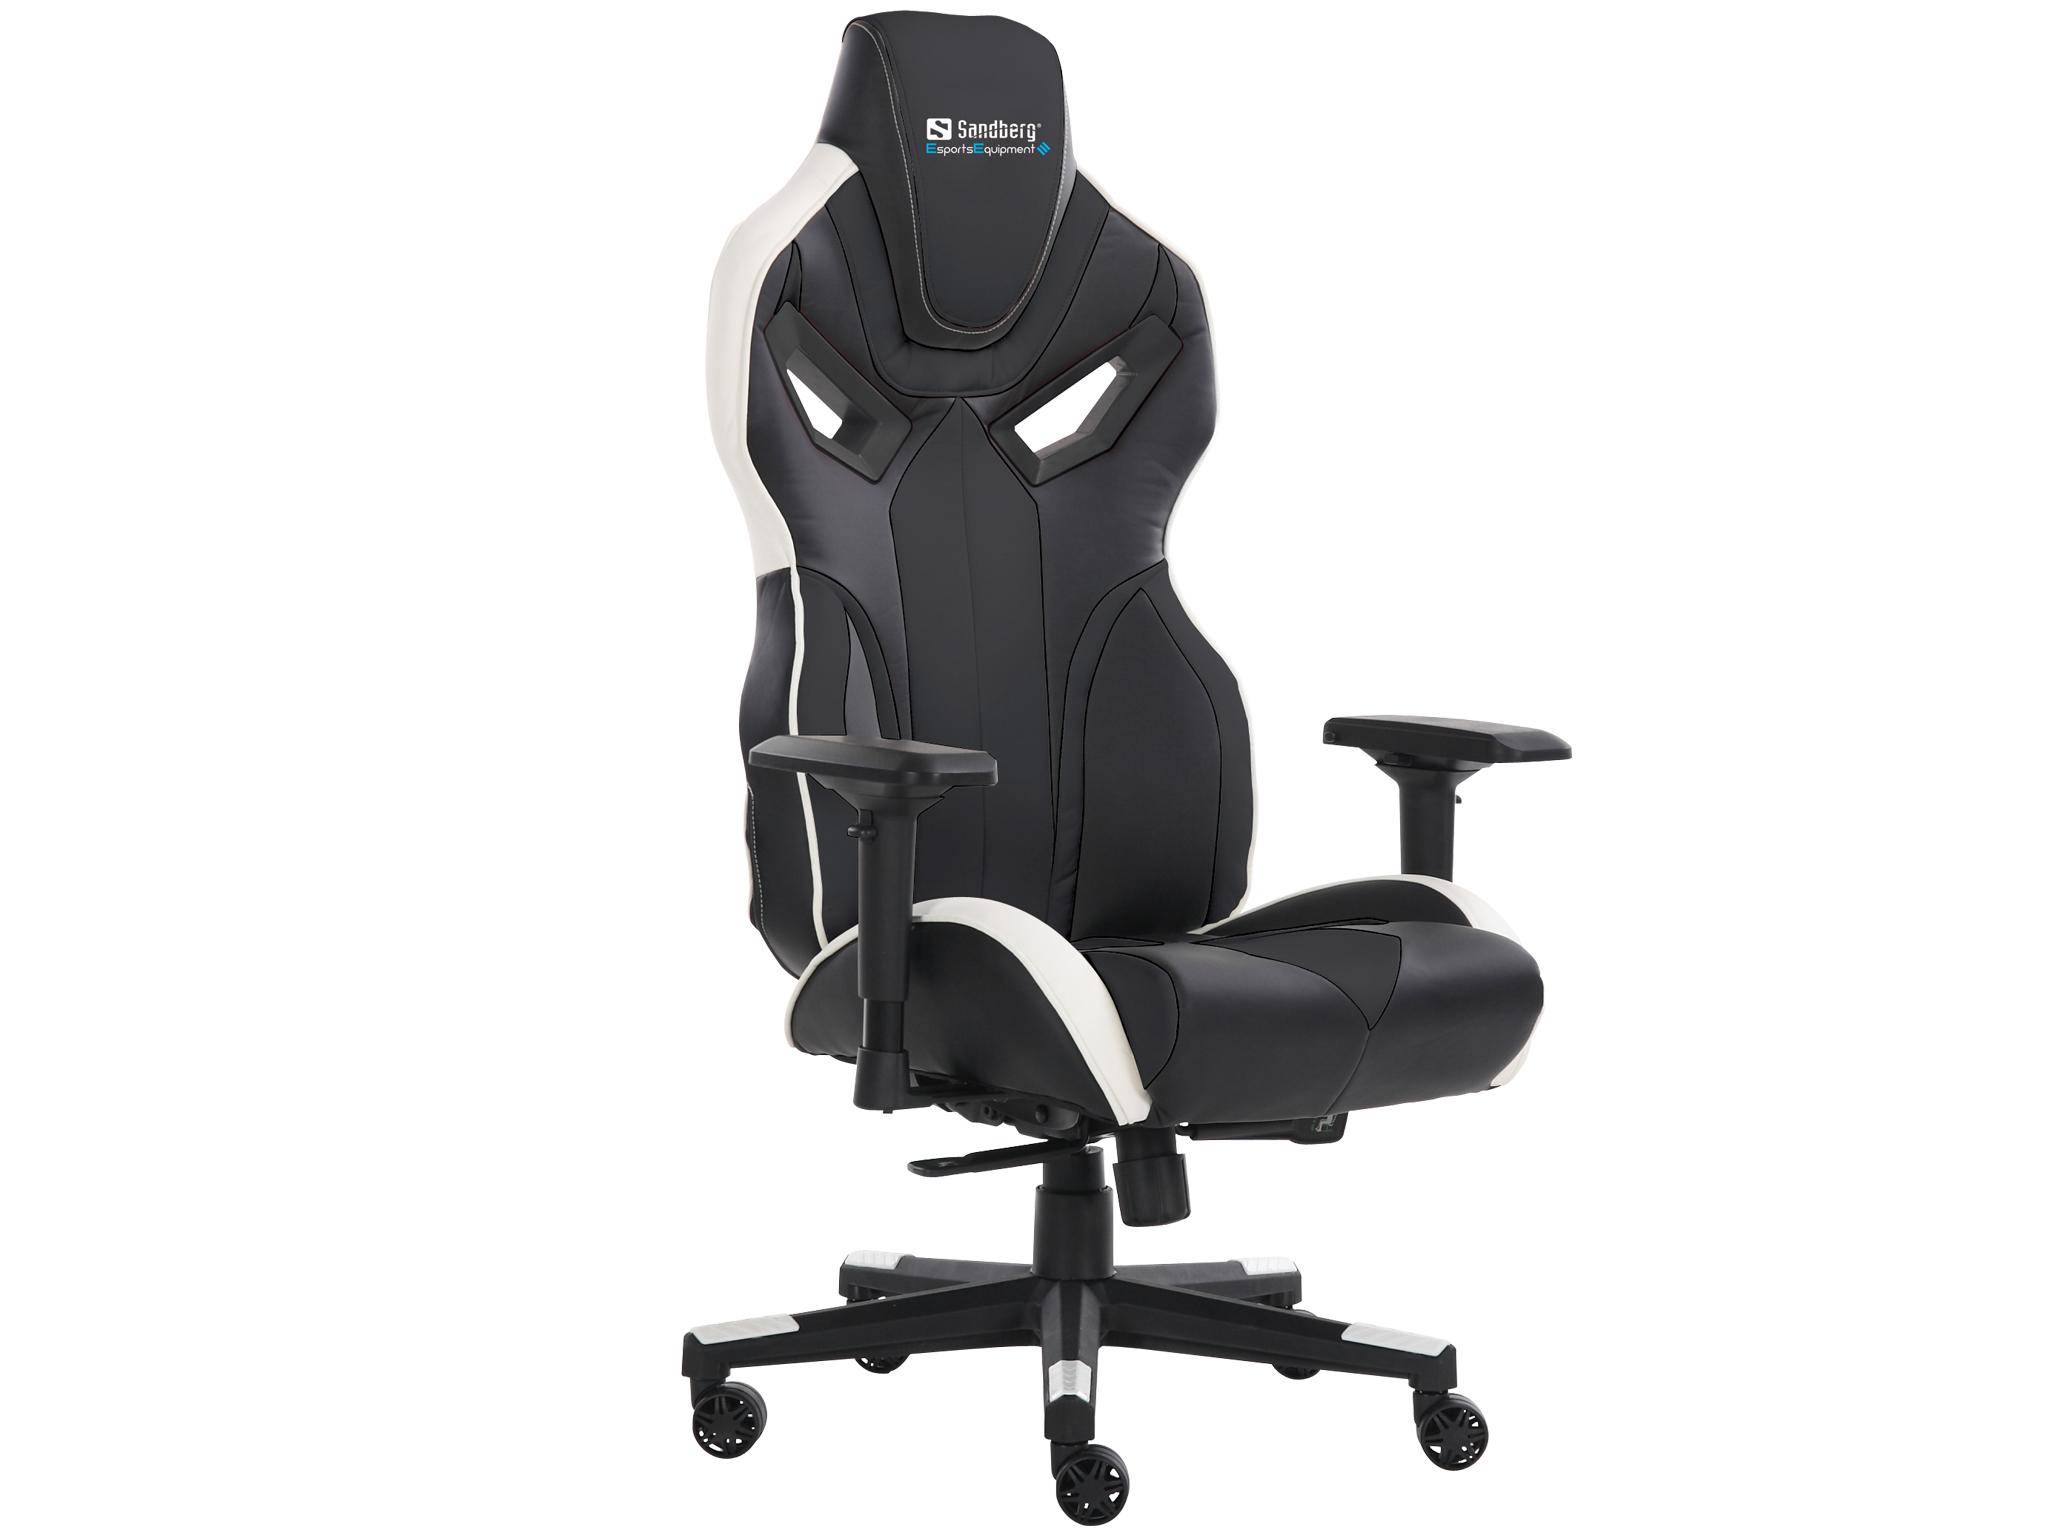 Voodoo Gaming Chair Black/Whit